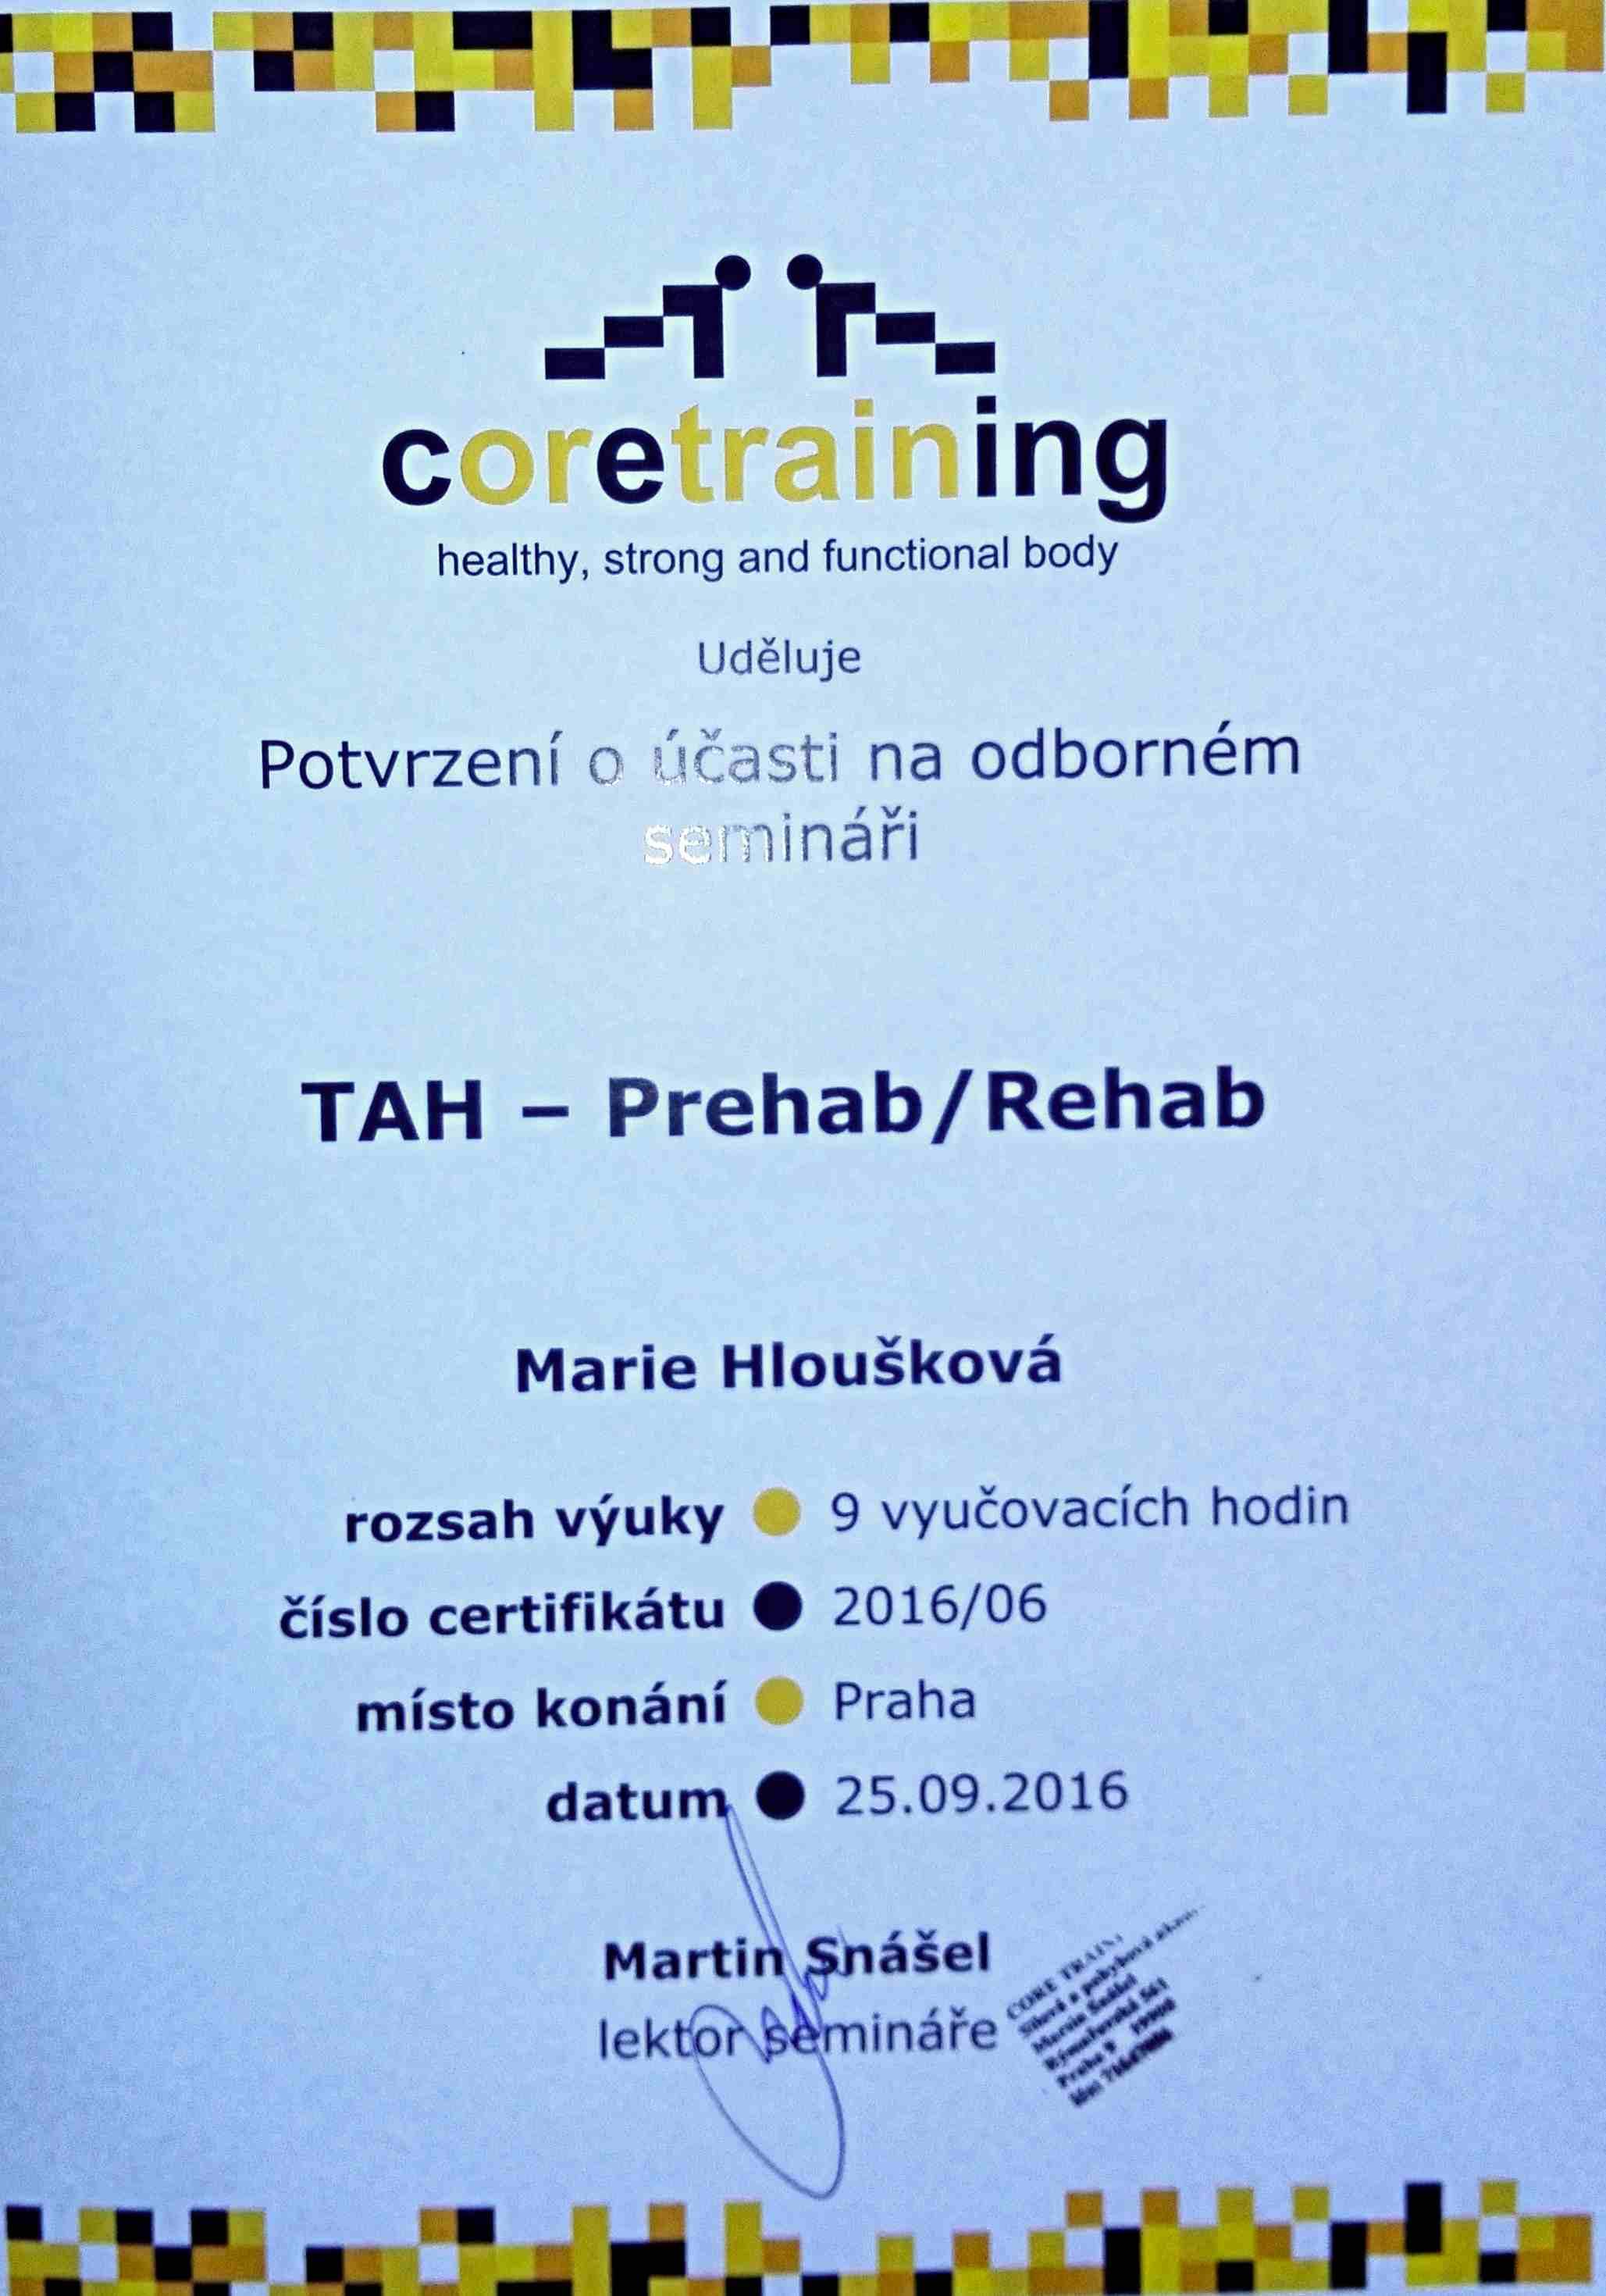 tah-prehab_rehab